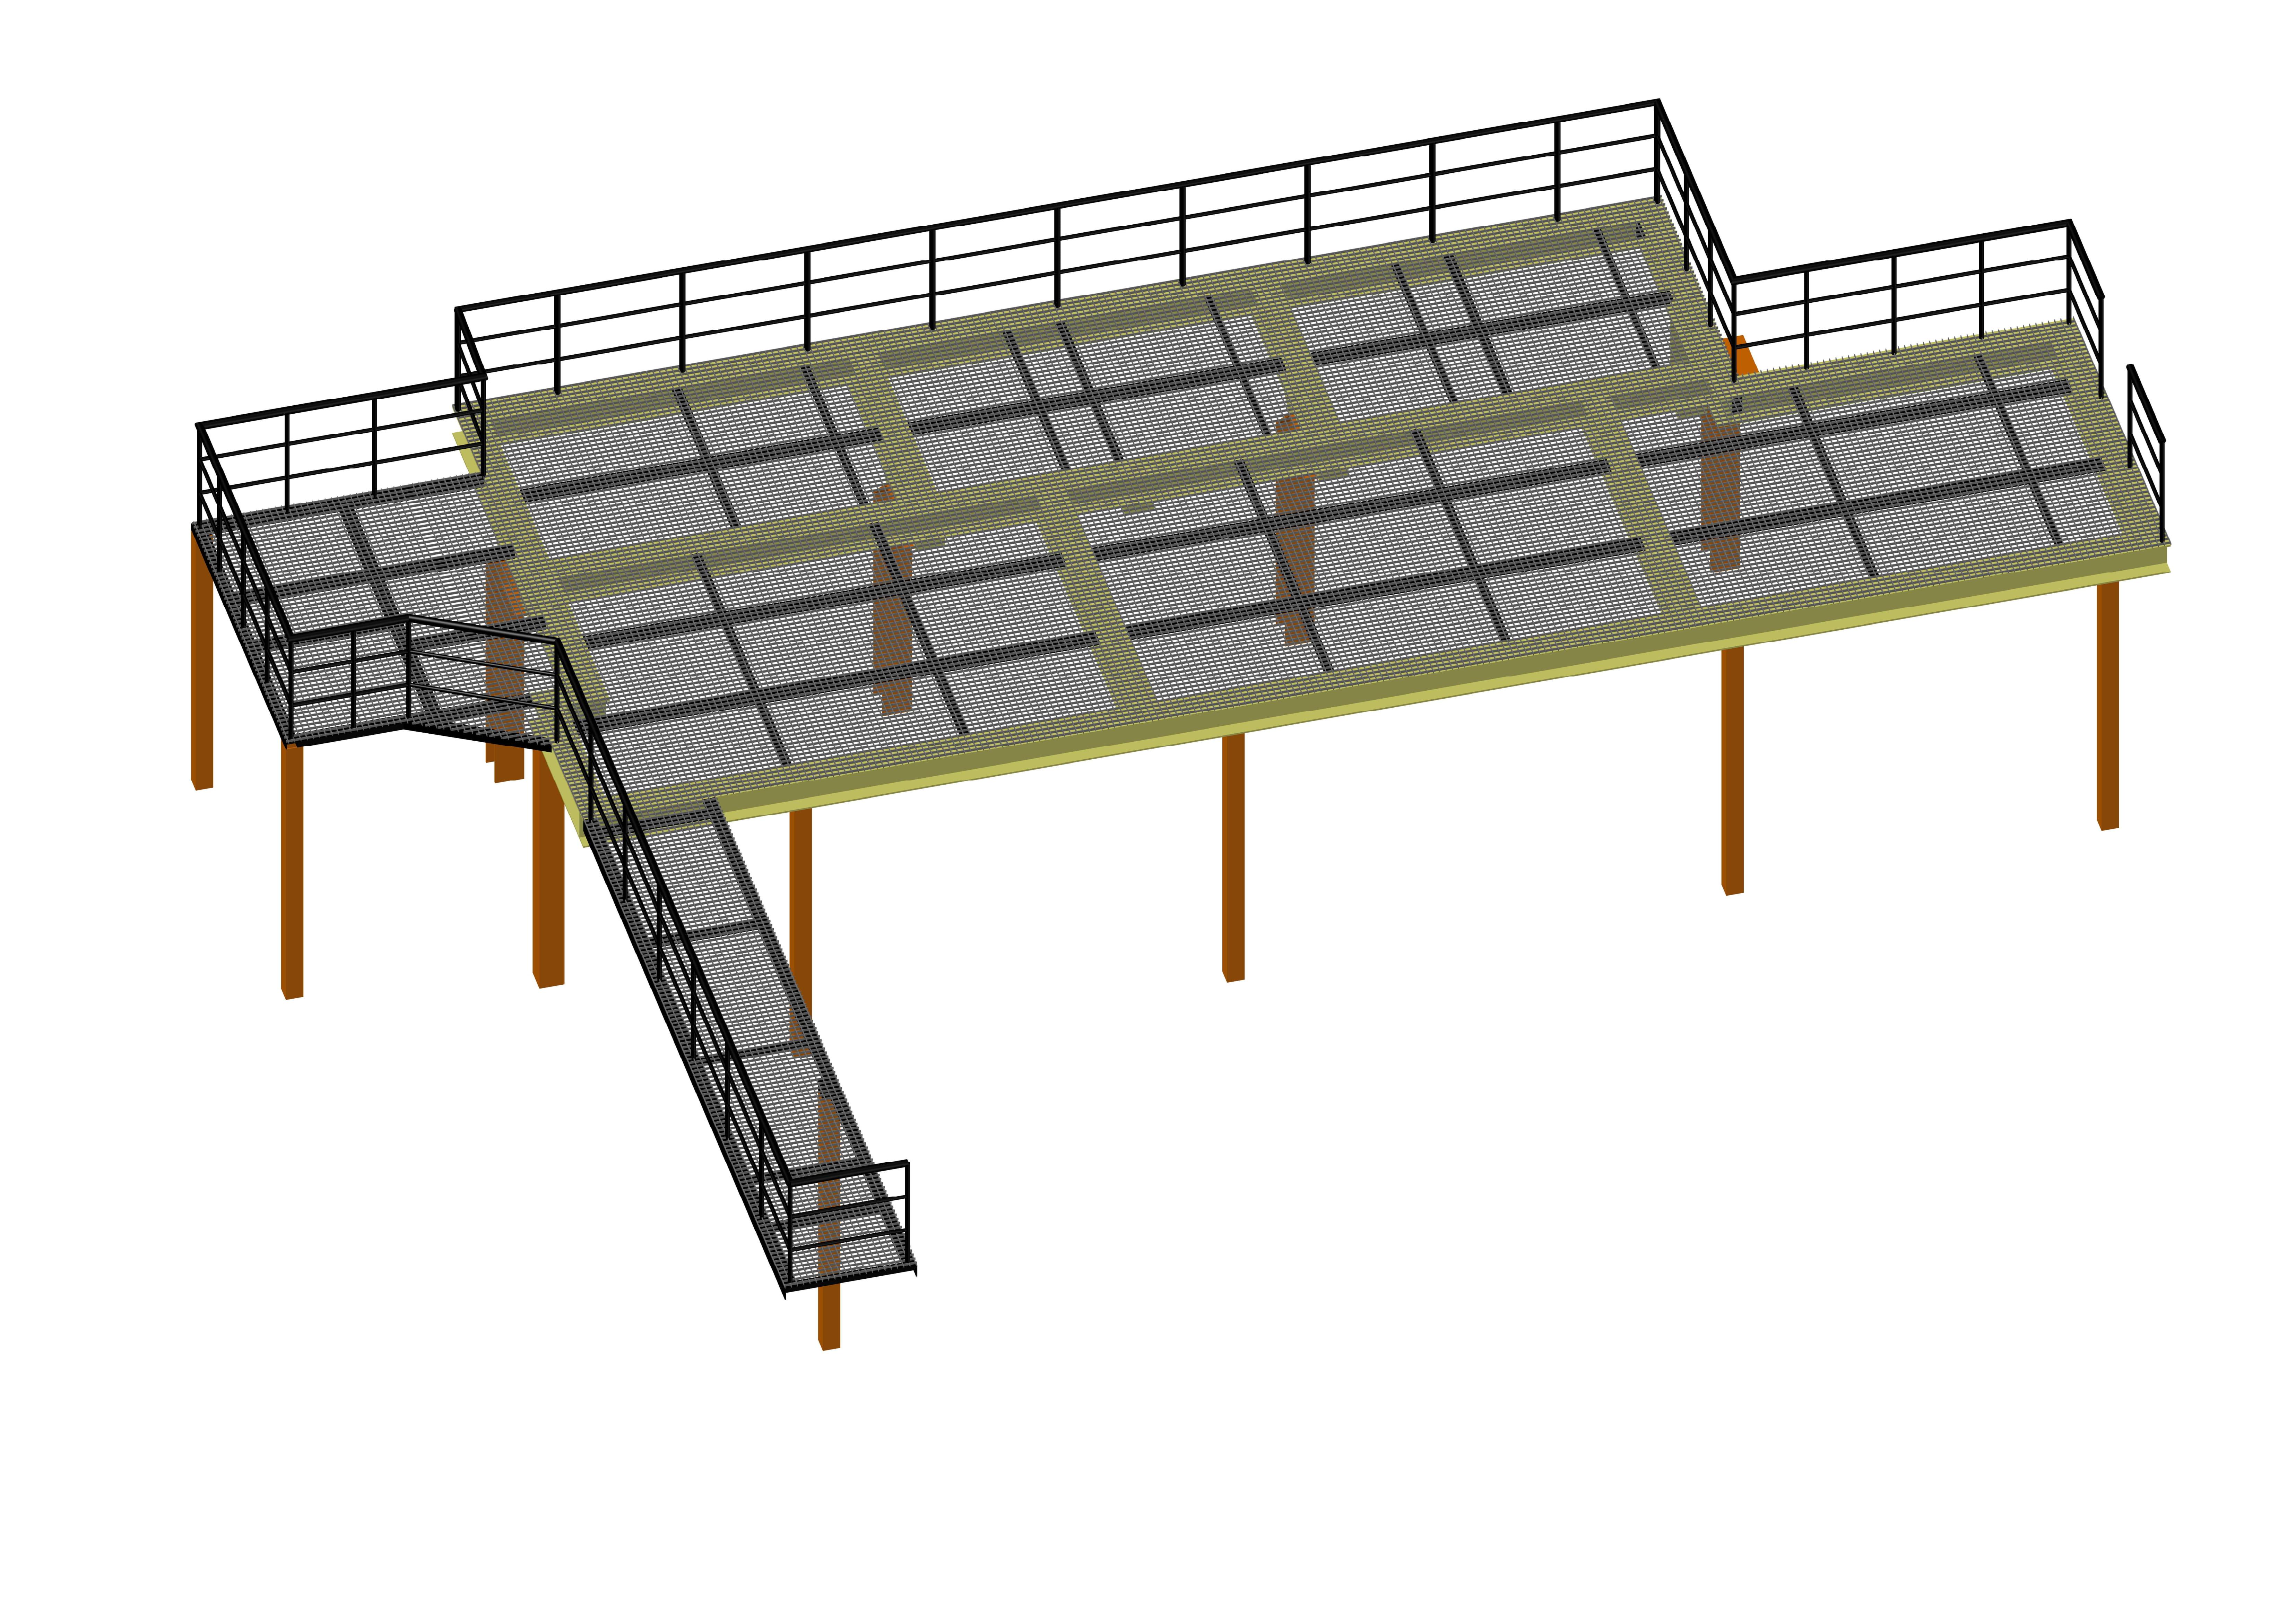 Platform v2.3-Model-1